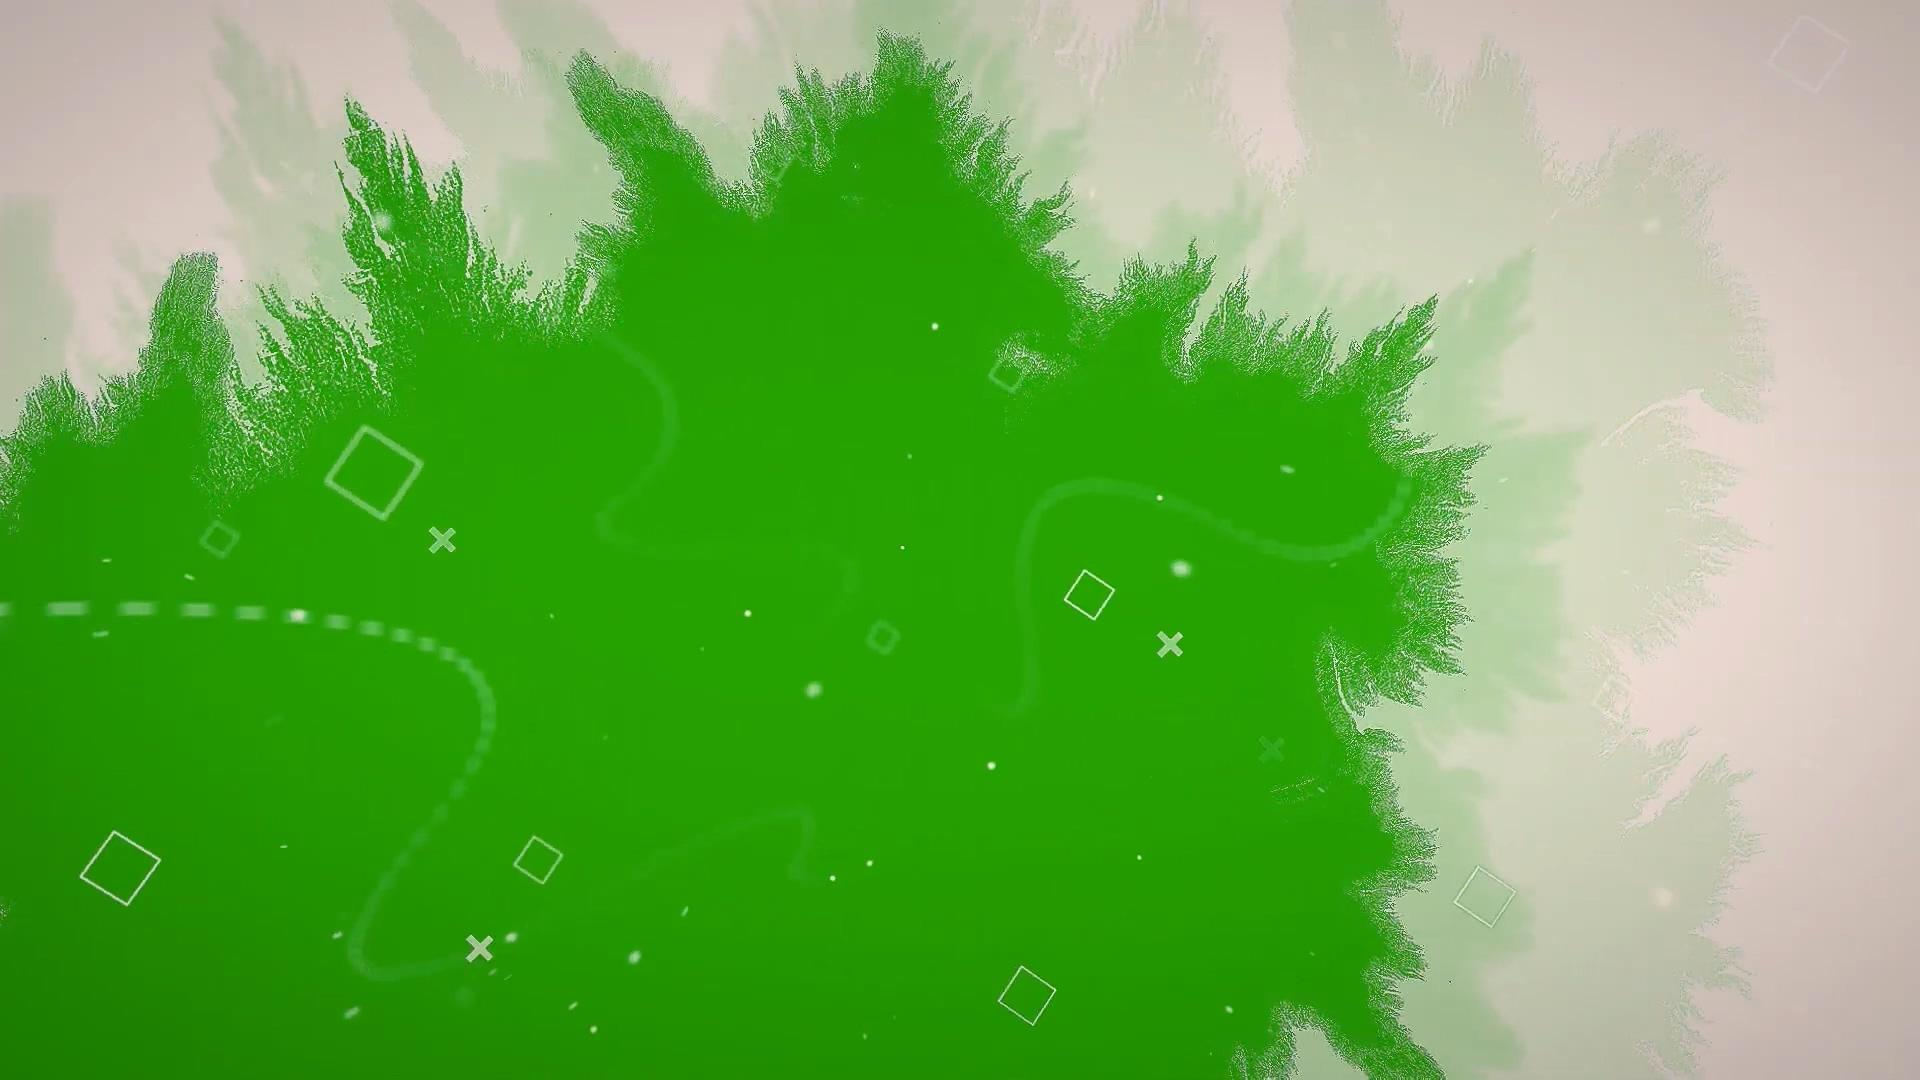 水墨晕开绿幕素材下载